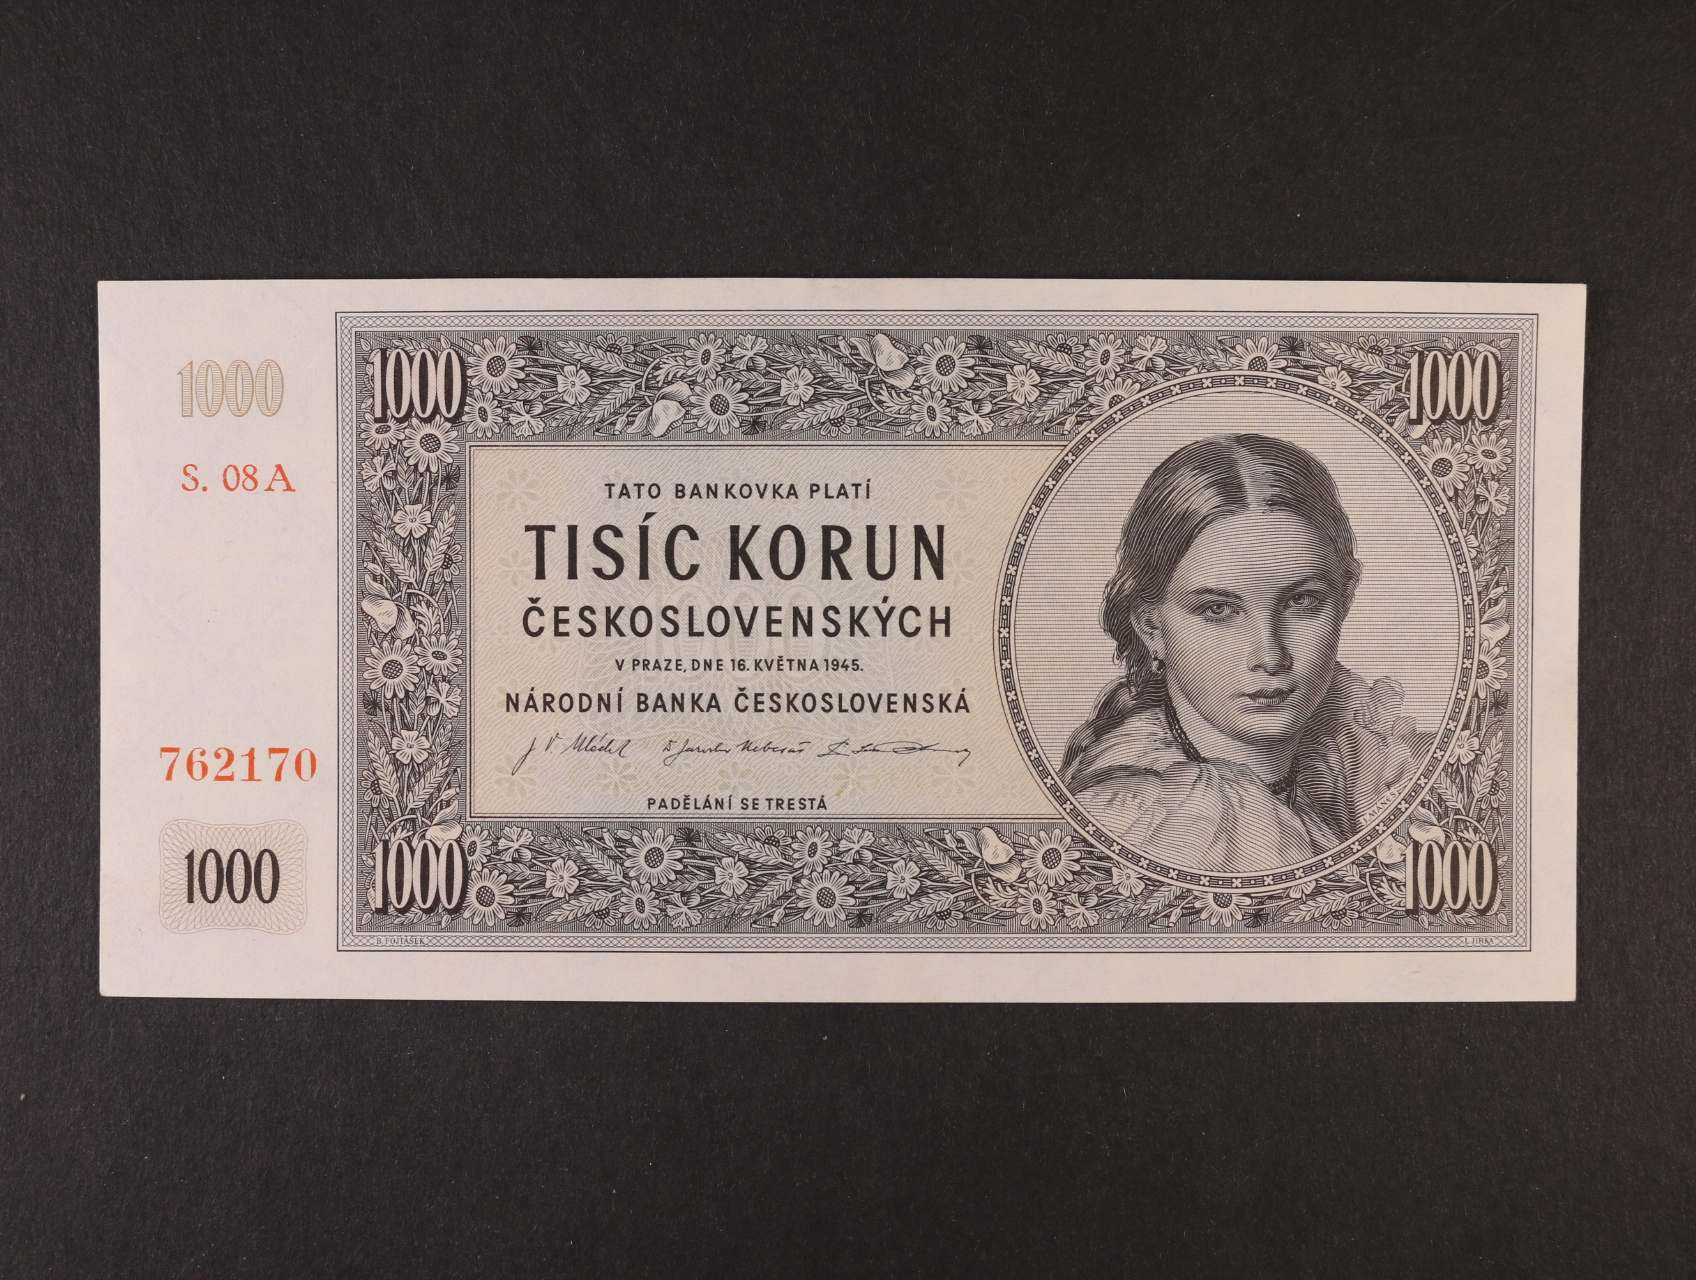 1000 Kčs 16.5.1945 série 08 A, Ba. 78a, Pi. 74a